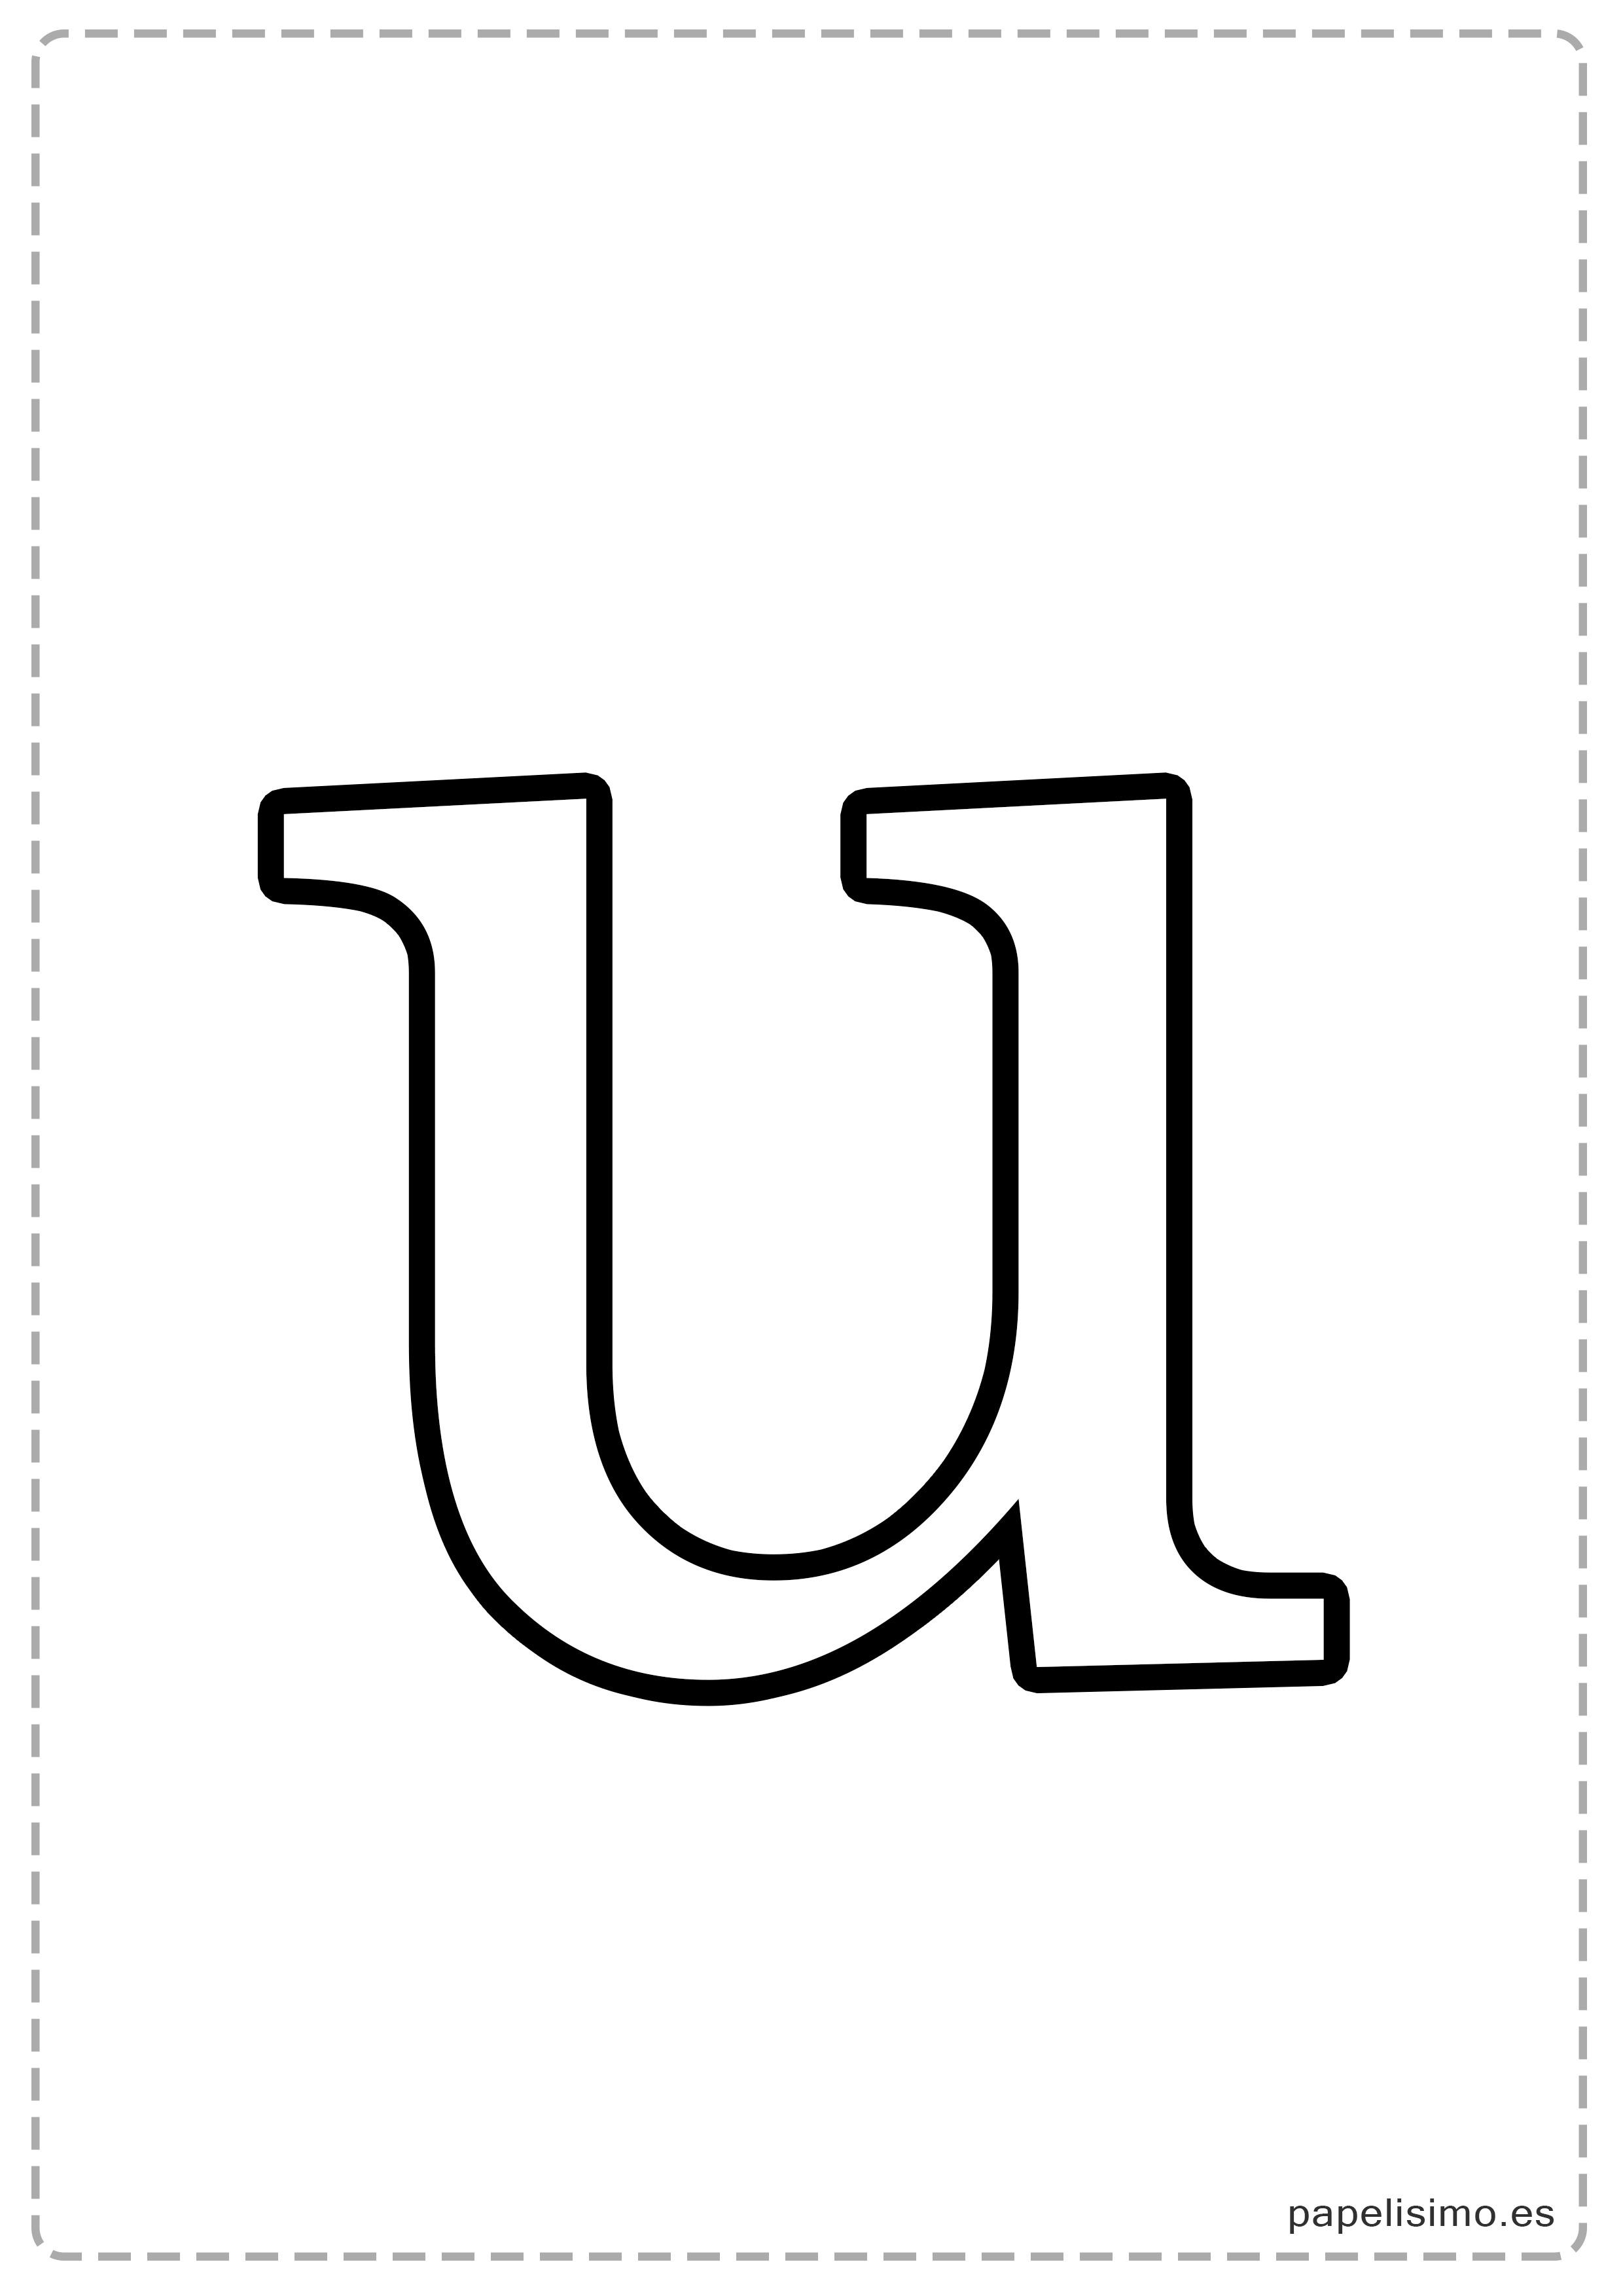 Letras Grandes Para Imprimir Minusculas Letras Grandes Para